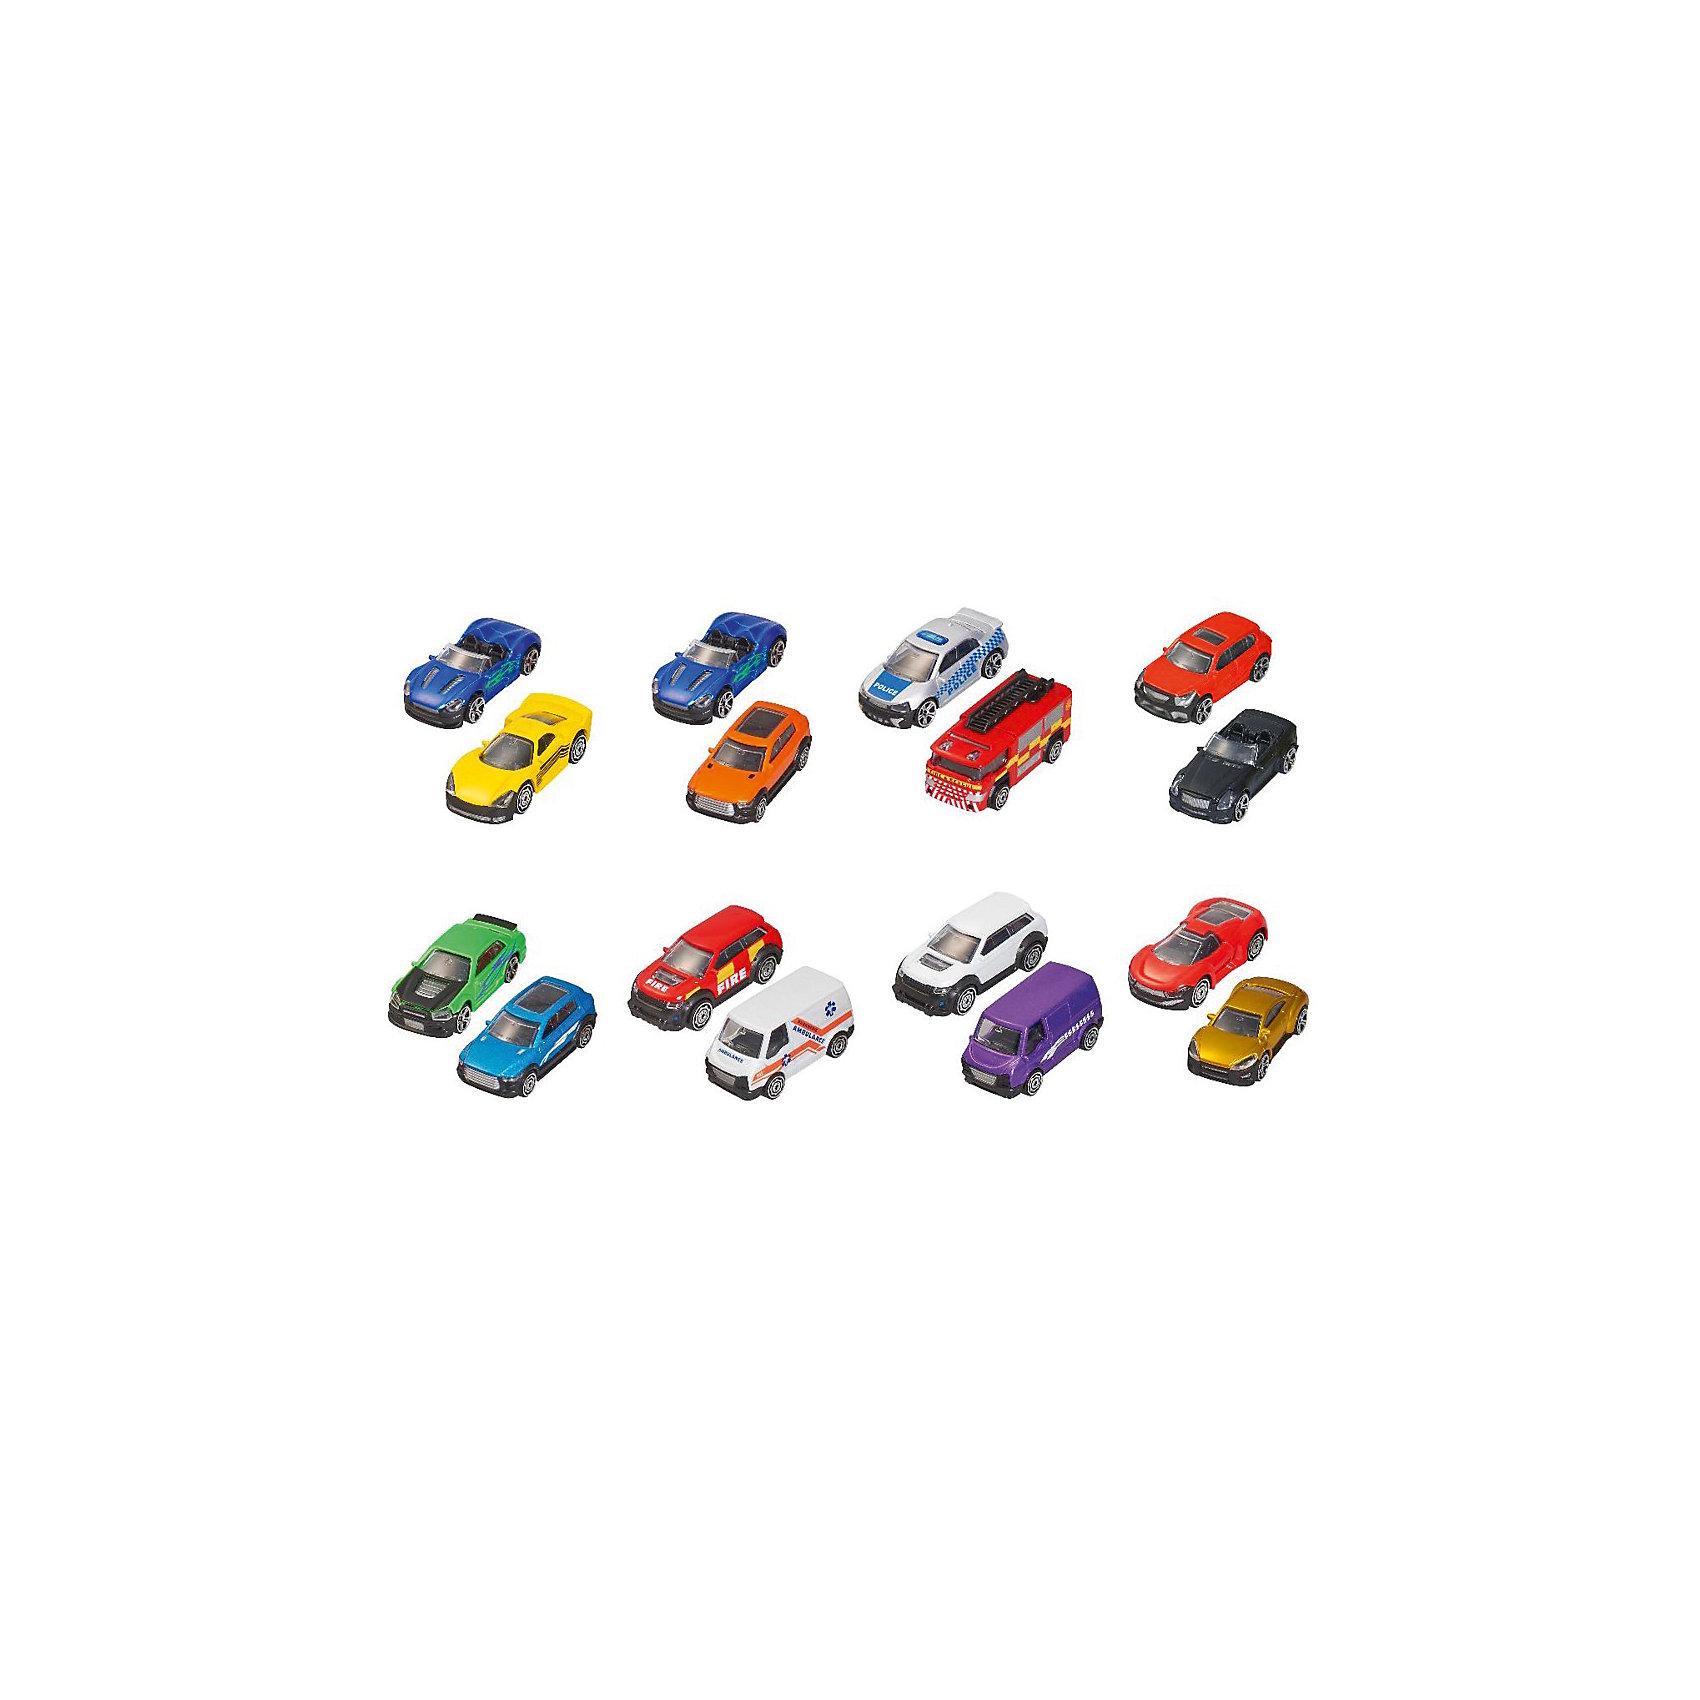 Набор из двух машинок HTI, в ассортиментеМашинки<br>Характеристики товара:<br><br>• Материал: пластик, металл<br>• Машинки не инерционные<br>• В наборе 2 машинки<br>• Размер упаковки 10,5х13х3,5 см<br>• Вес упаковки 100 г<br>• Страна производитель: Китай<br>• Набор представлен в ассортименте<br><br>Набор их двух машинок, в ассортименте, HTI включает в себя две модели машинок. Набор понравится юным автолюбителям, ведь с ним можно придумать увлекательные игры и устроить захватывающие гонки. В процессе игры у ребенка развивается мелкая моторика рук, воображение, фантазия. <br><br>Набор из двух машинок HTI можно приобрести в нашем интернет-магазине.<br><br>Ширина мм: 65<br>Глубина мм: 20<br>Высота мм: 15<br>Вес г: 100<br>Возраст от месяцев: 36<br>Возраст до месяцев: 2147483647<br>Пол: Мужской<br>Возраст: Детский<br>SKU: 5514329